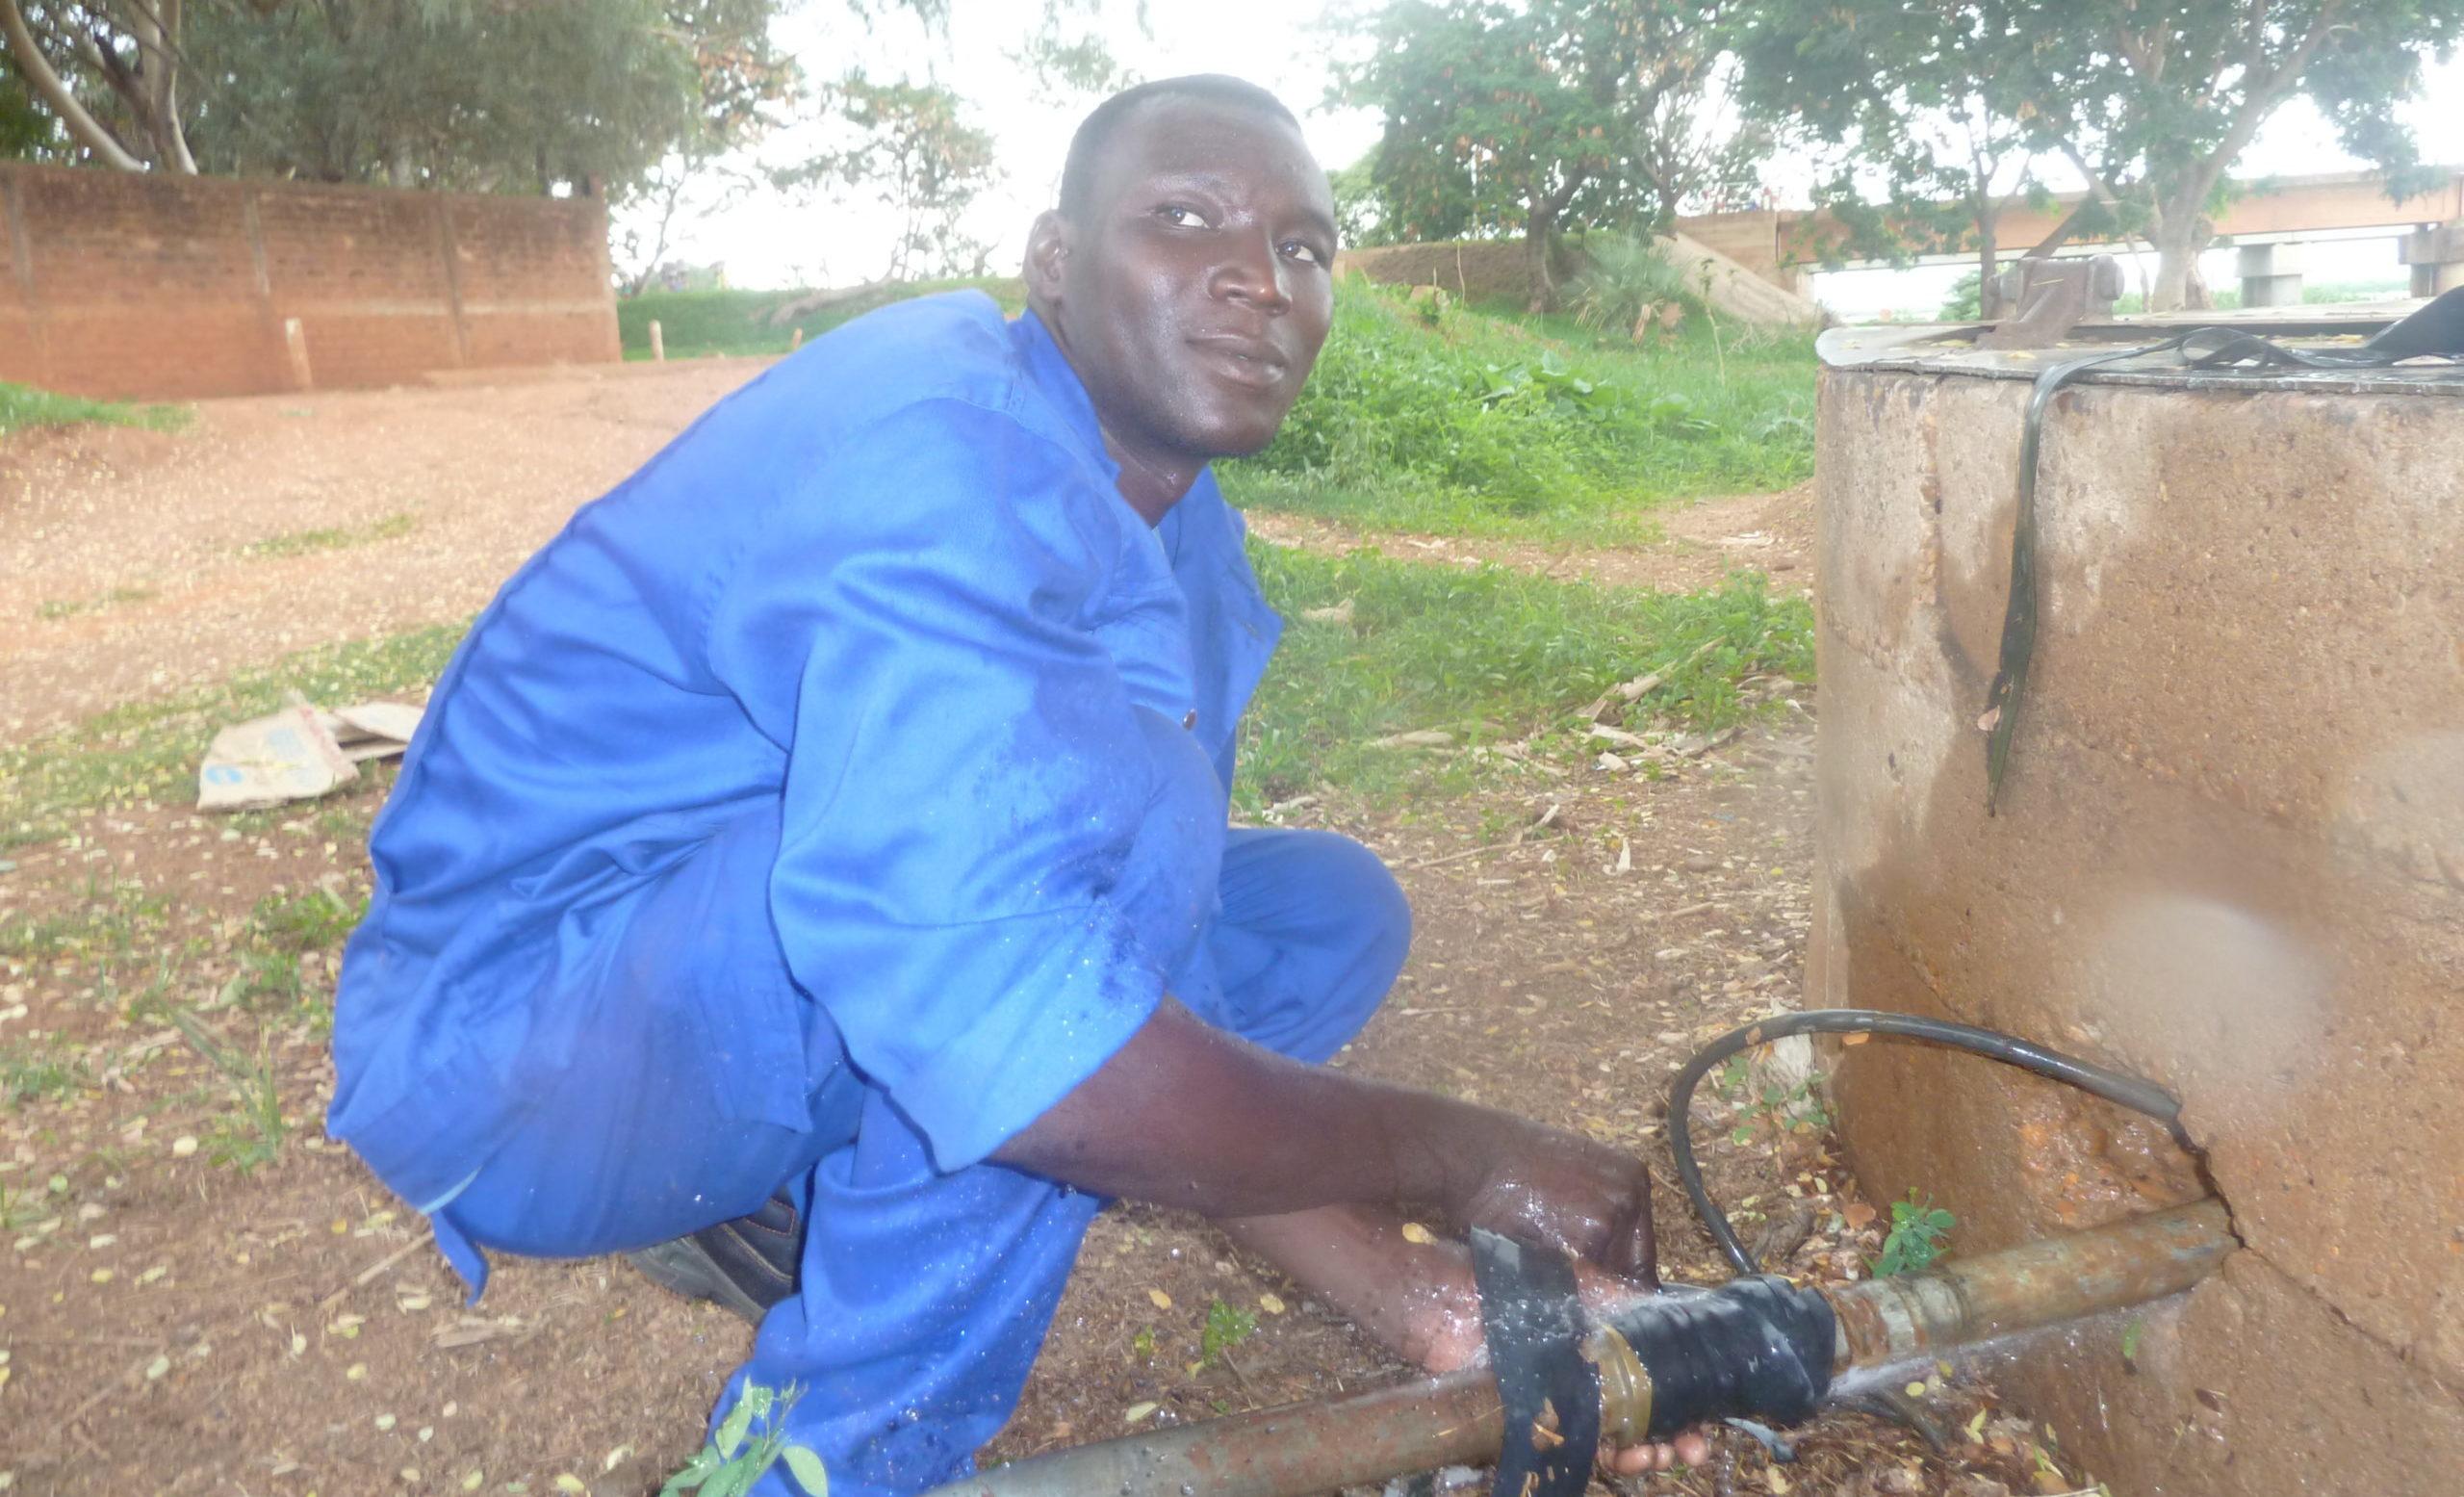 A história de vida de Alladoum no Chade